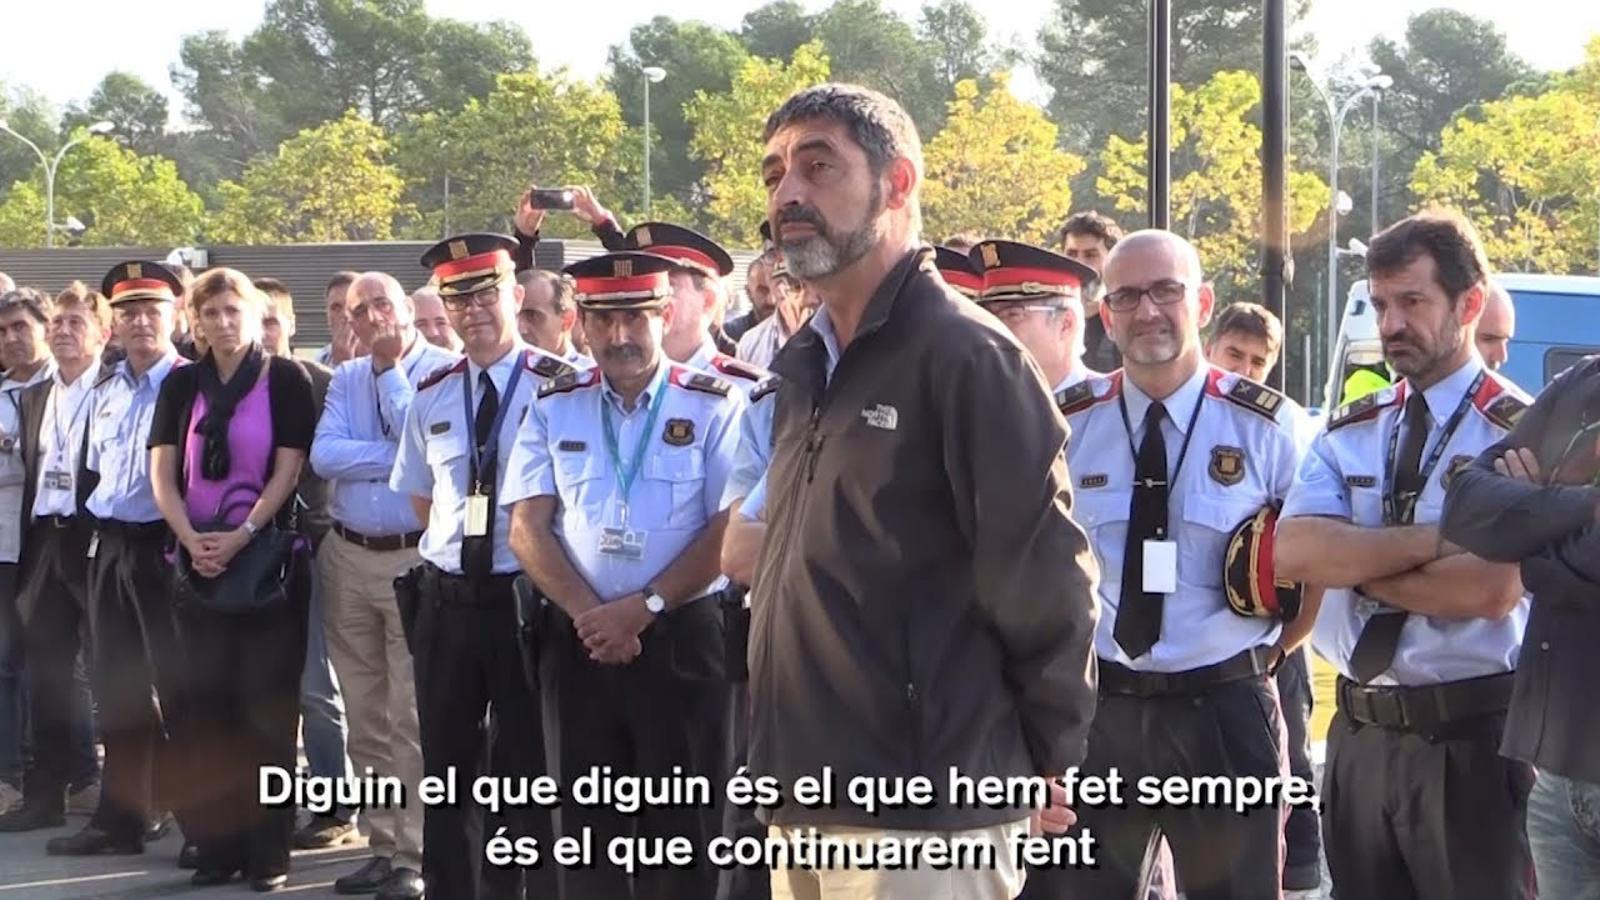 Trapero adreça unes paraules als Mossos que l'esperaven al complex Egara